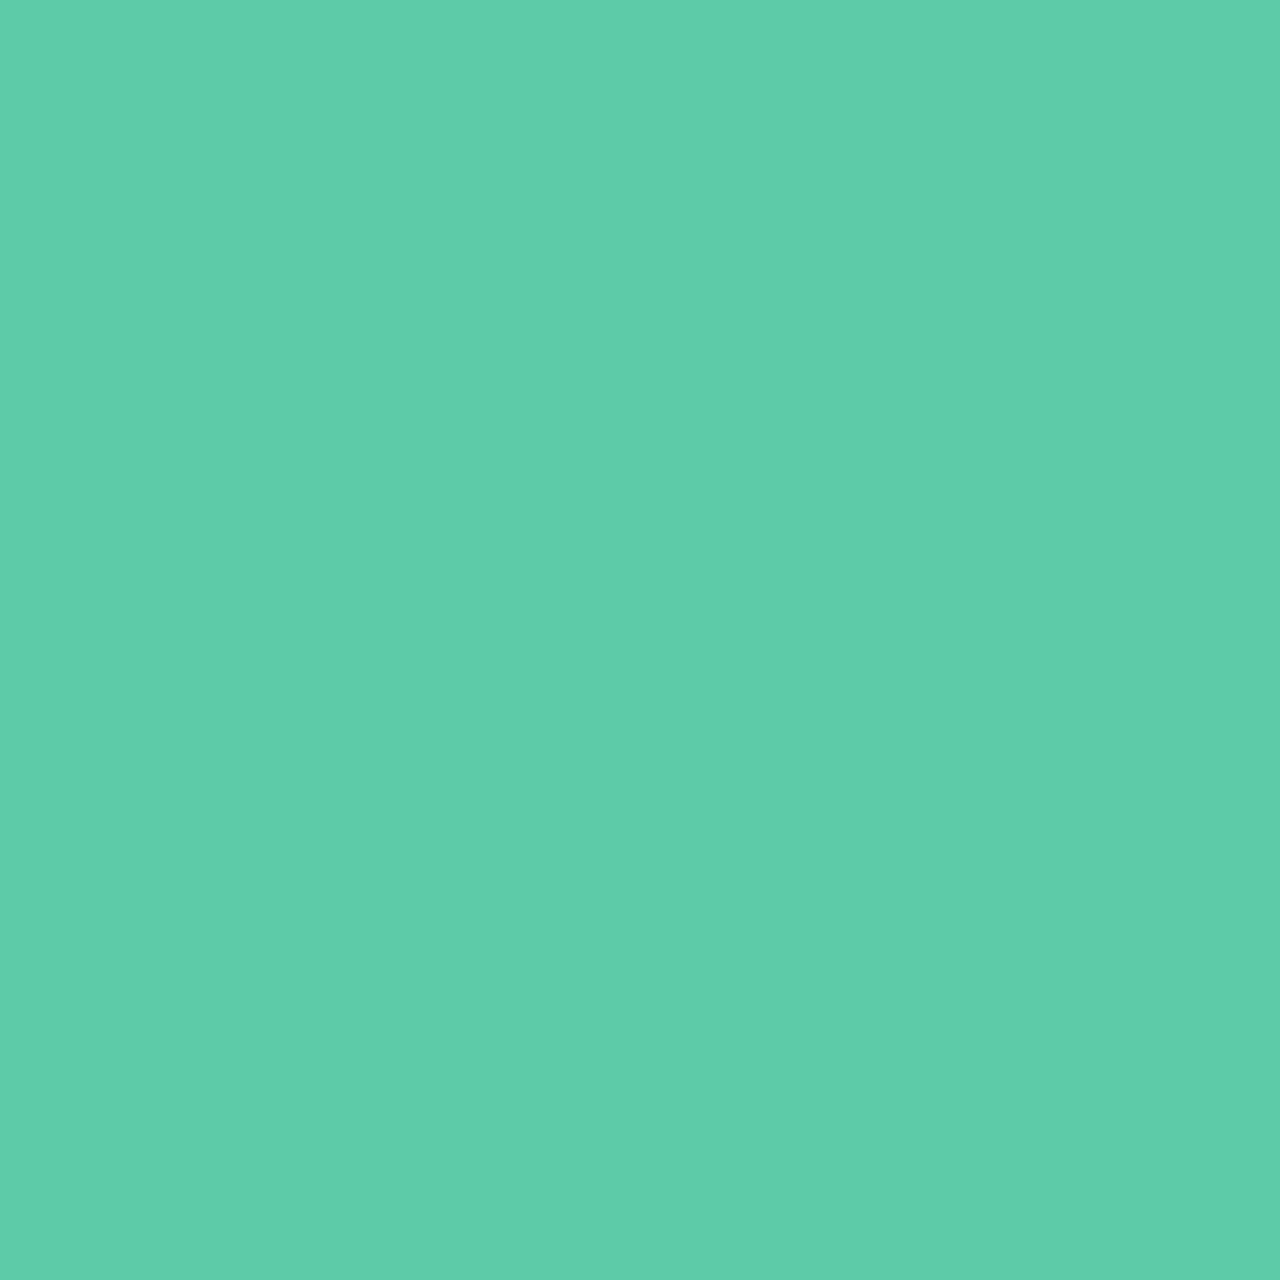 Фоамиран 2 мм, 50x50 см, Китай, МЯТНЫЙ